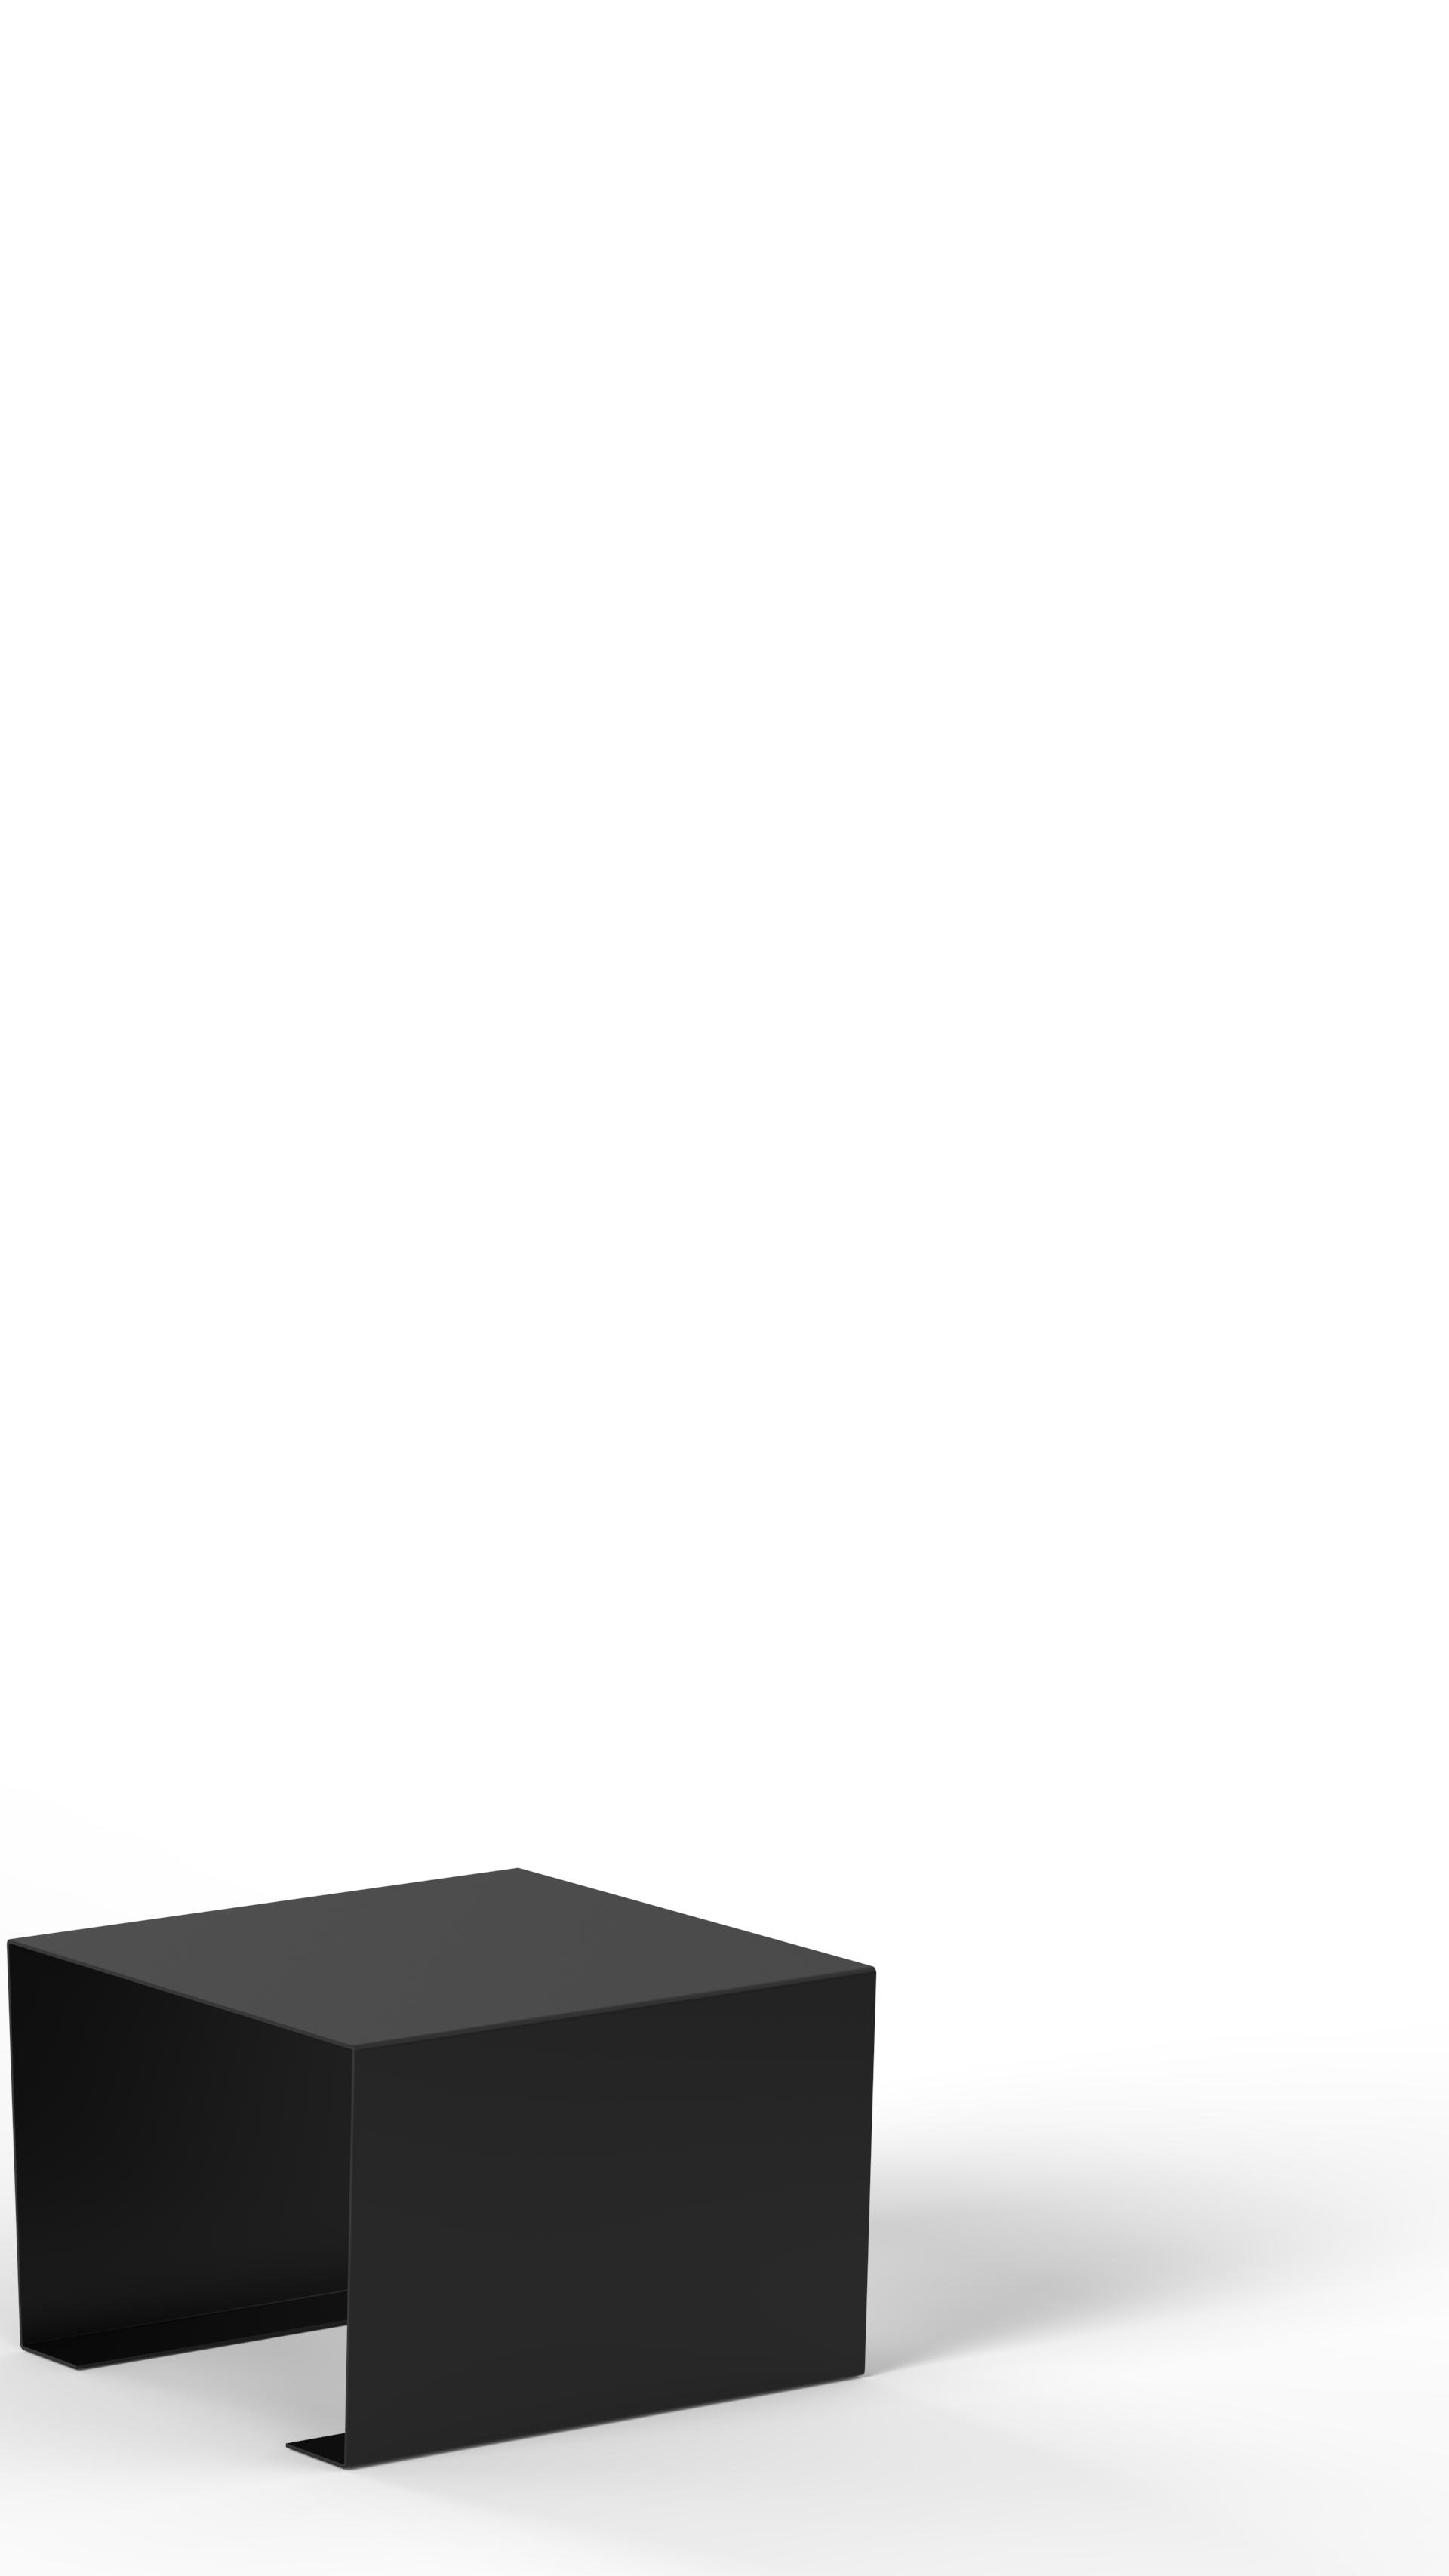 aeroS30x30x20 Présentoir plateau de présentation SAINT-HONORÉ PARIS